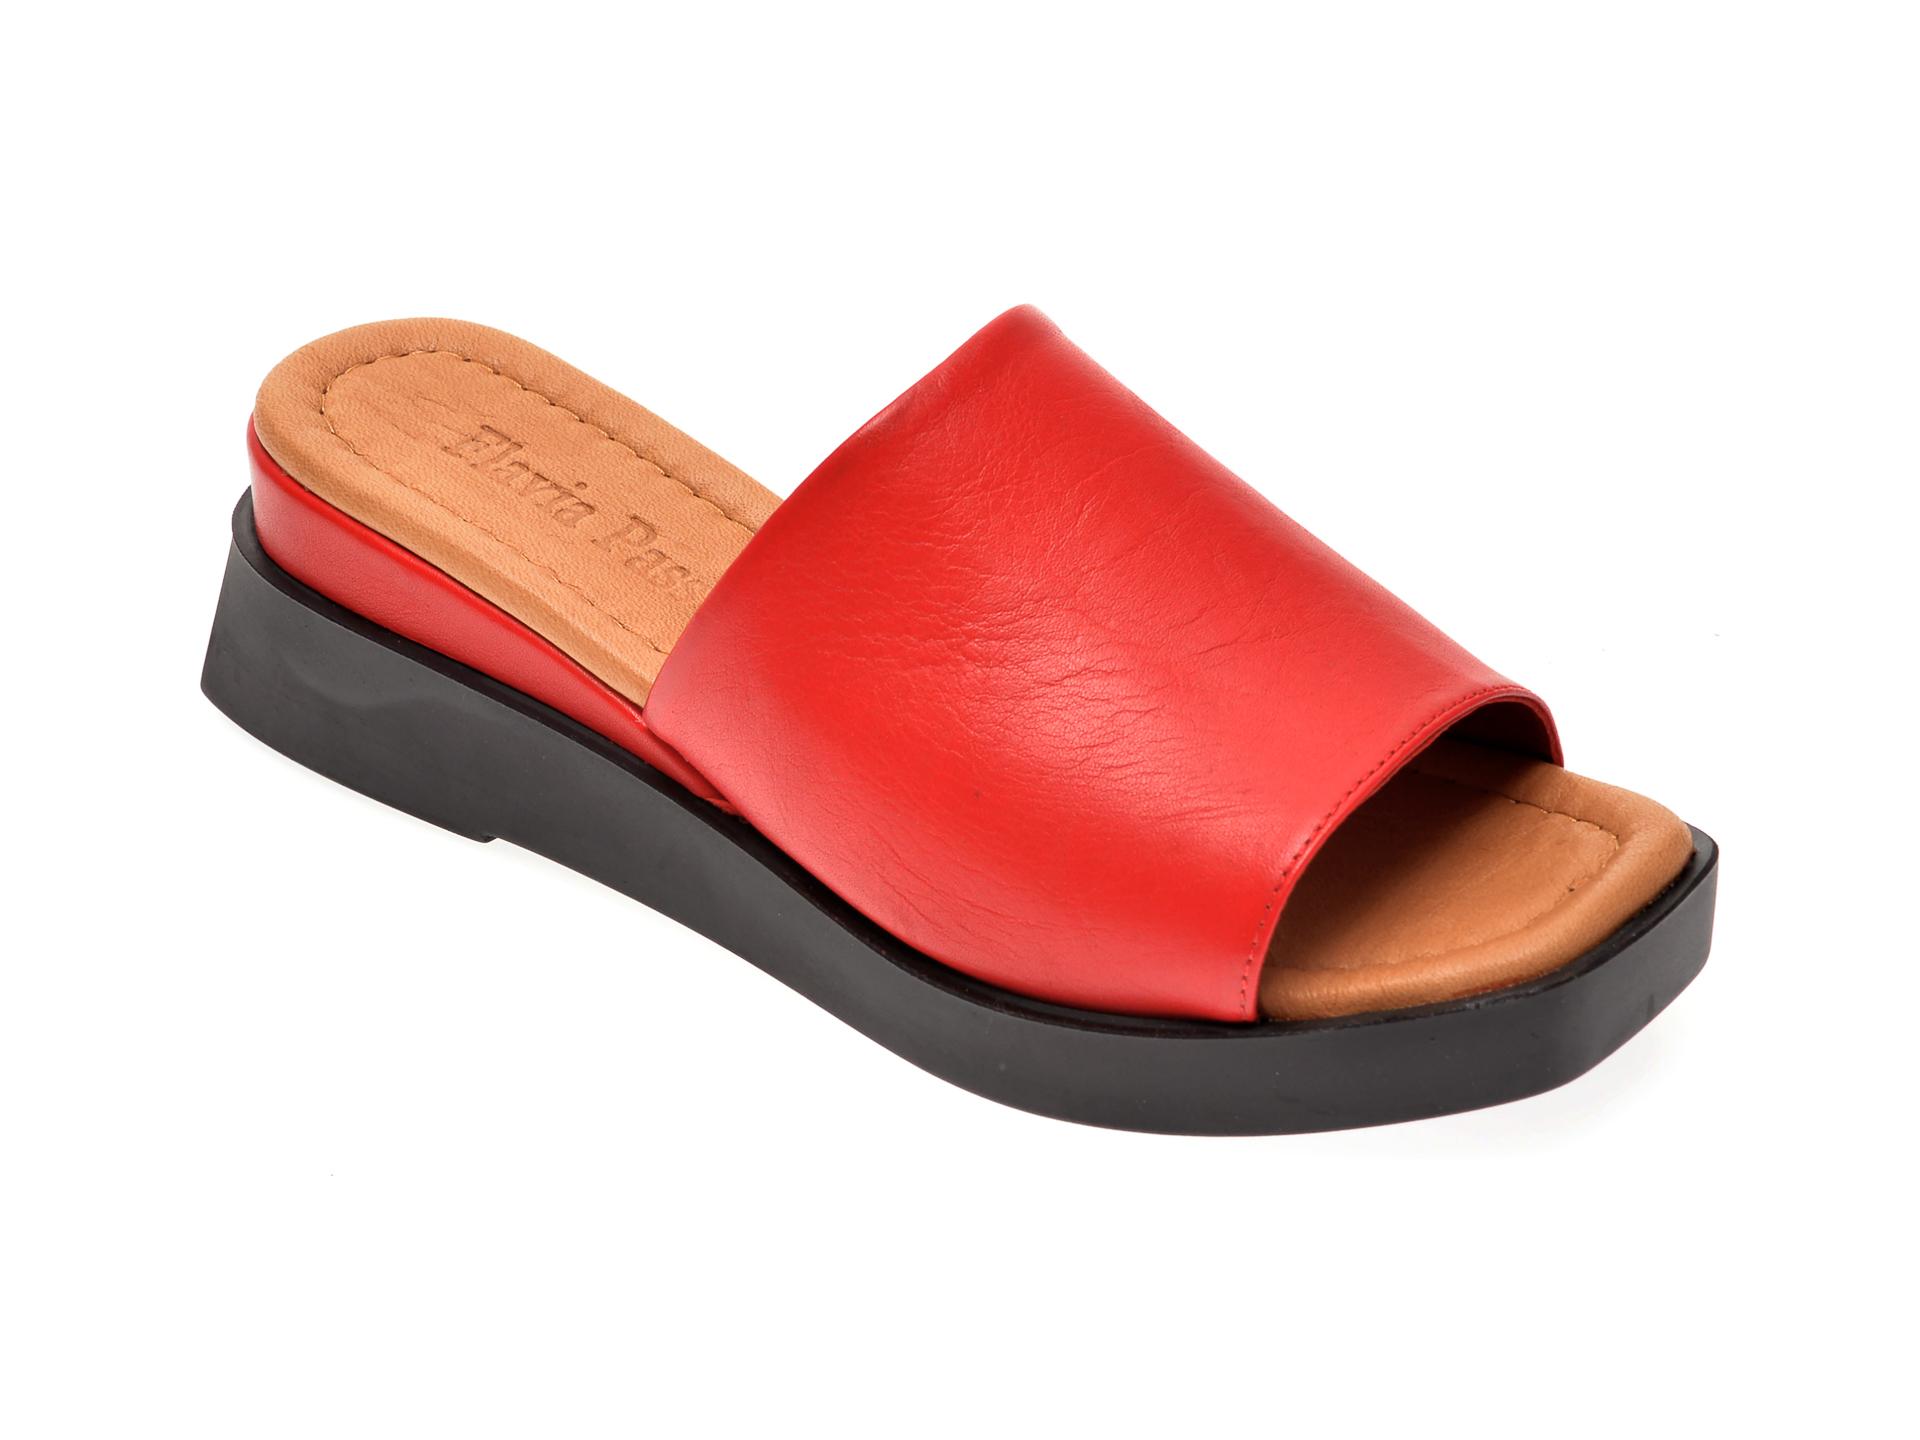 Papuci FLAVIA PASSINI rosii, 130321, din piele naturala